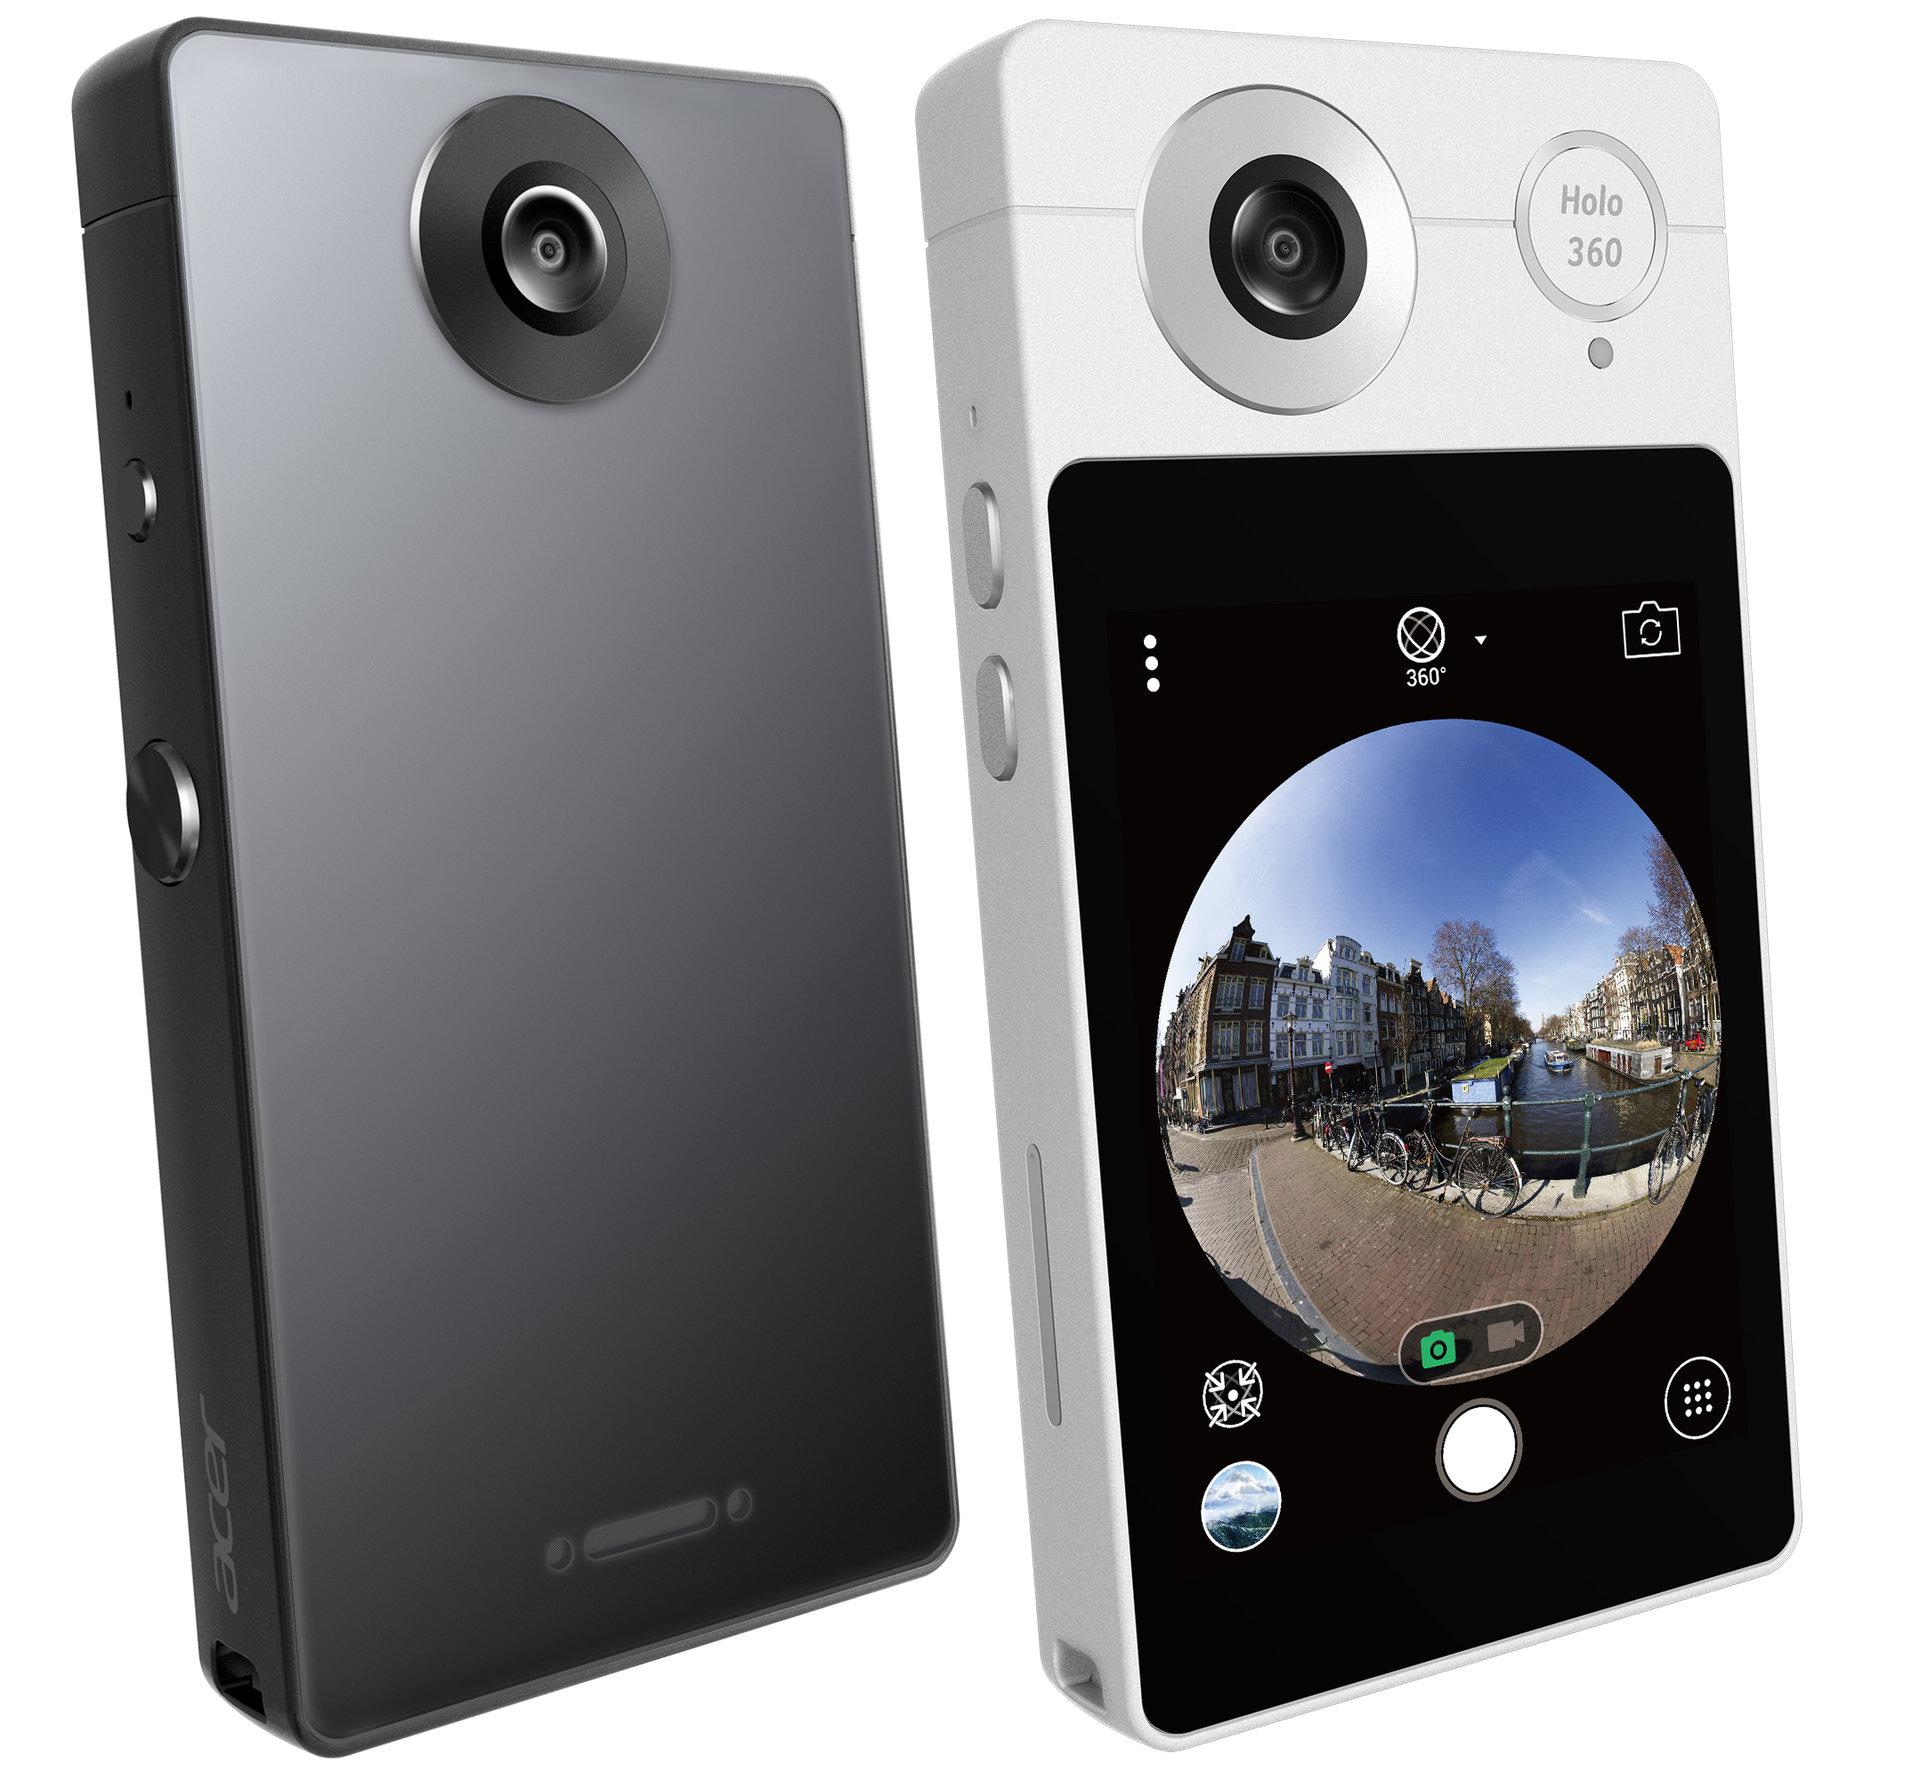 Acer przestawił dwie kamery 360° z modemem LTE